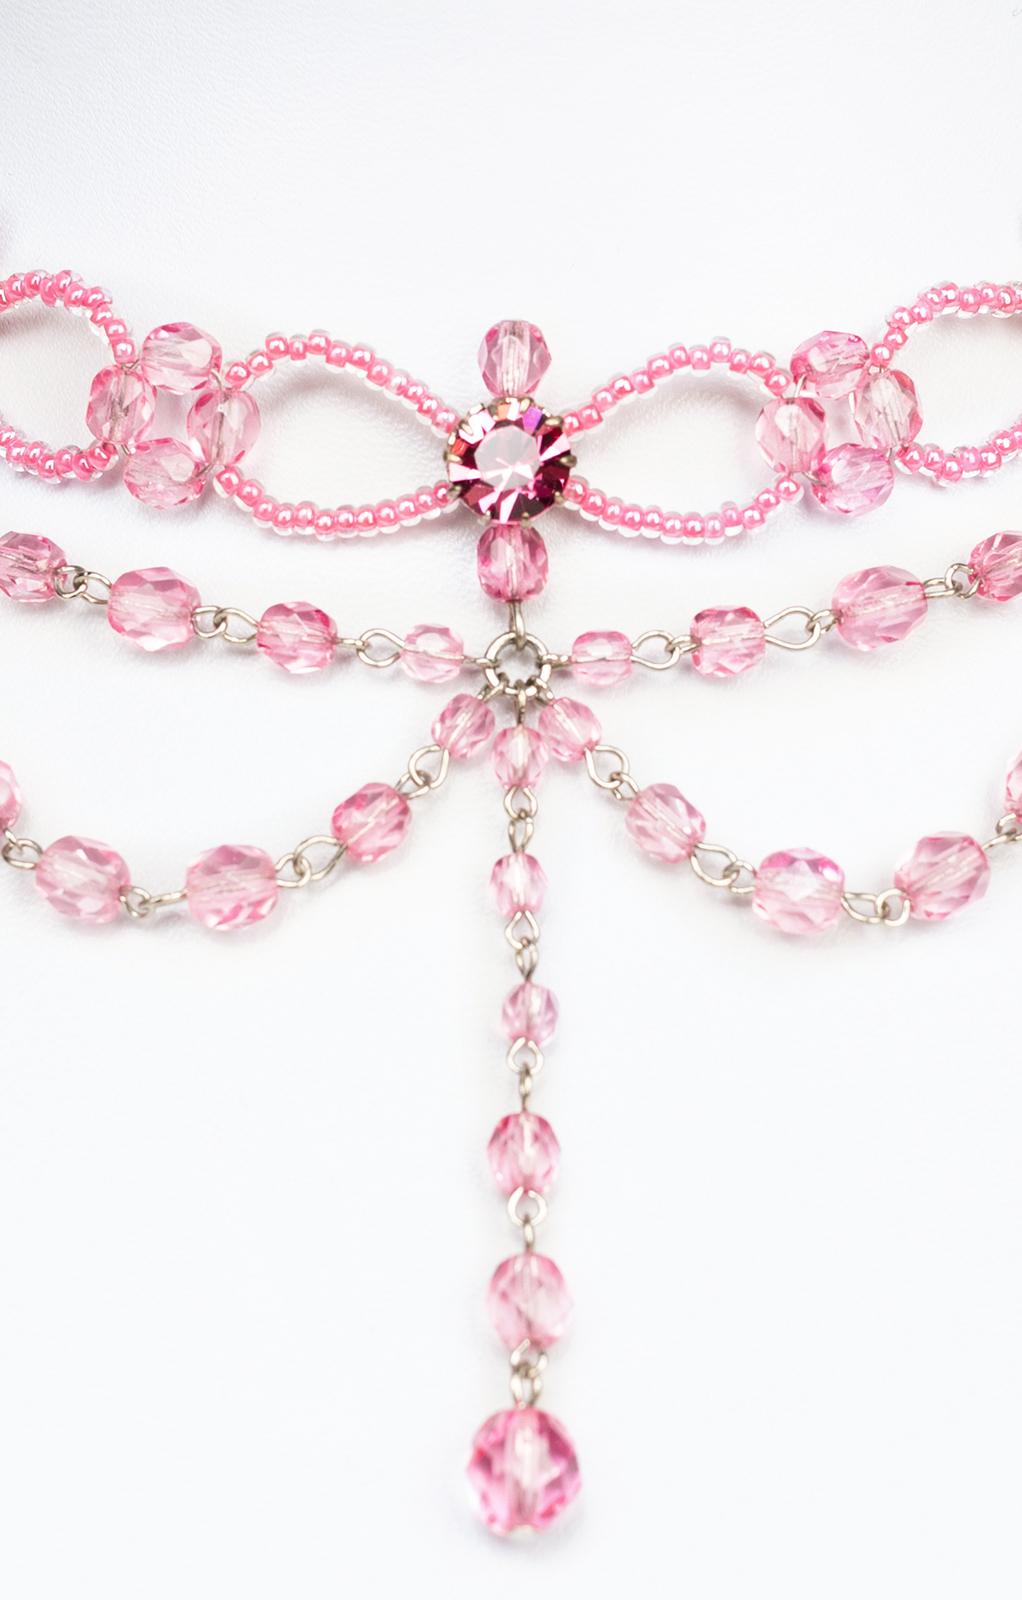 weitere Bilder von Glasperlencollier 12223 rosa